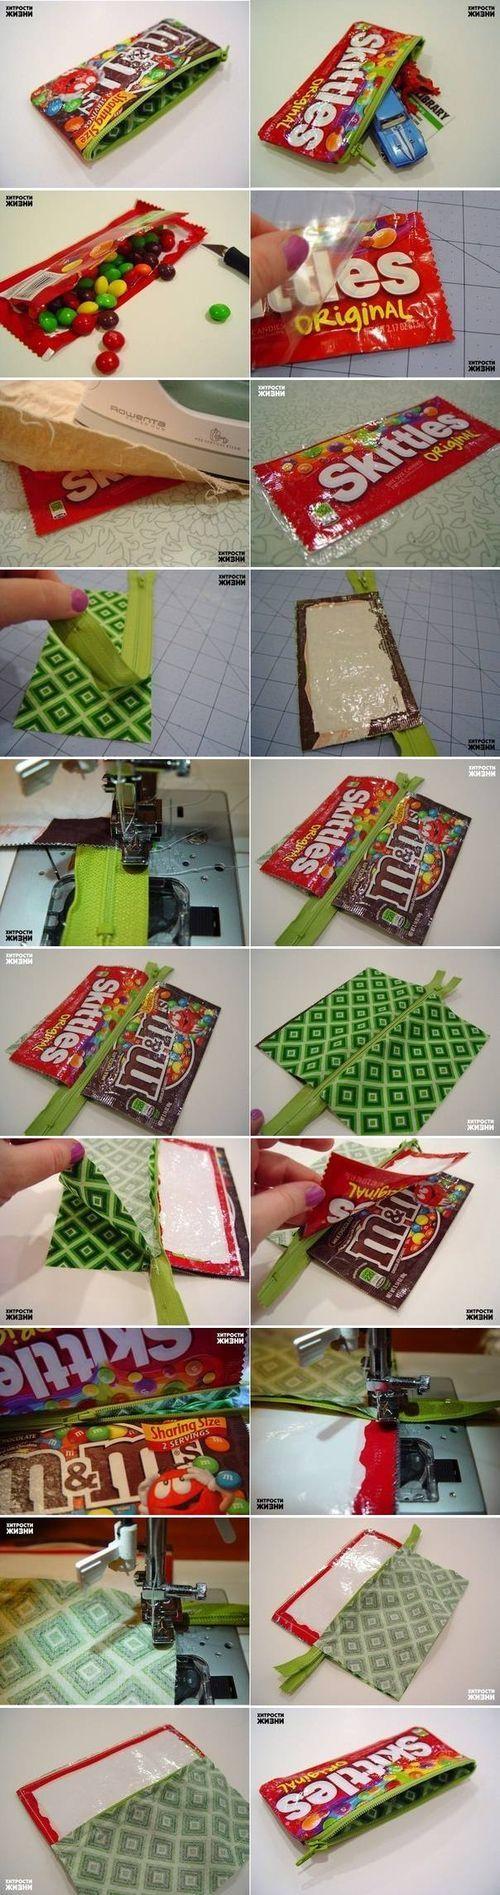 DIY Candy Wrap Pencil Case DIY Projects / UsefulDIY.com